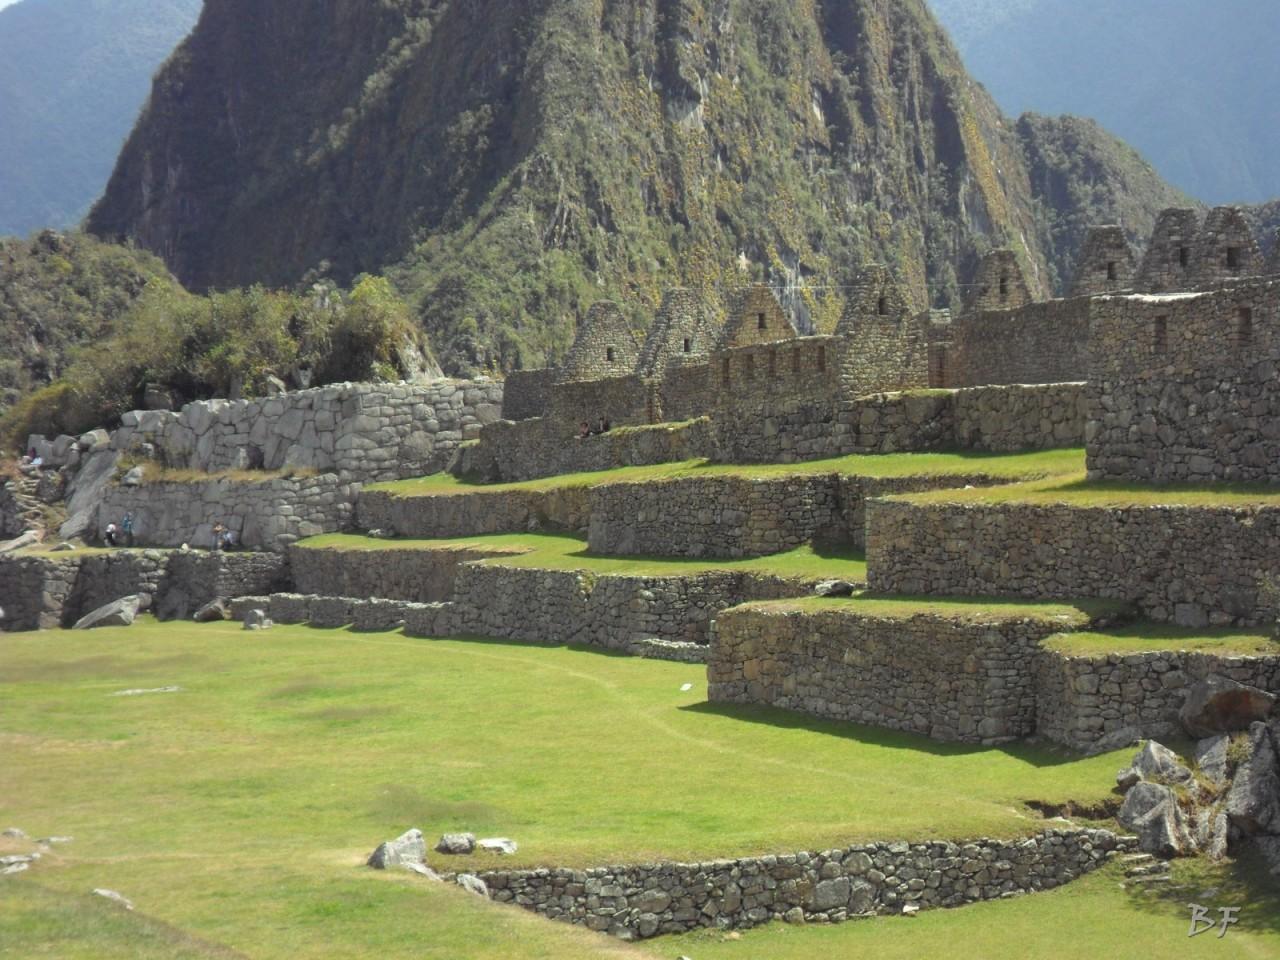 Mura-Poligonali-Incisioni-Altari-Edifici-Rupestri-Megaliti-Machu-Picchu-Aguas-Calientes-Urubamba-Cusco-Perù-50